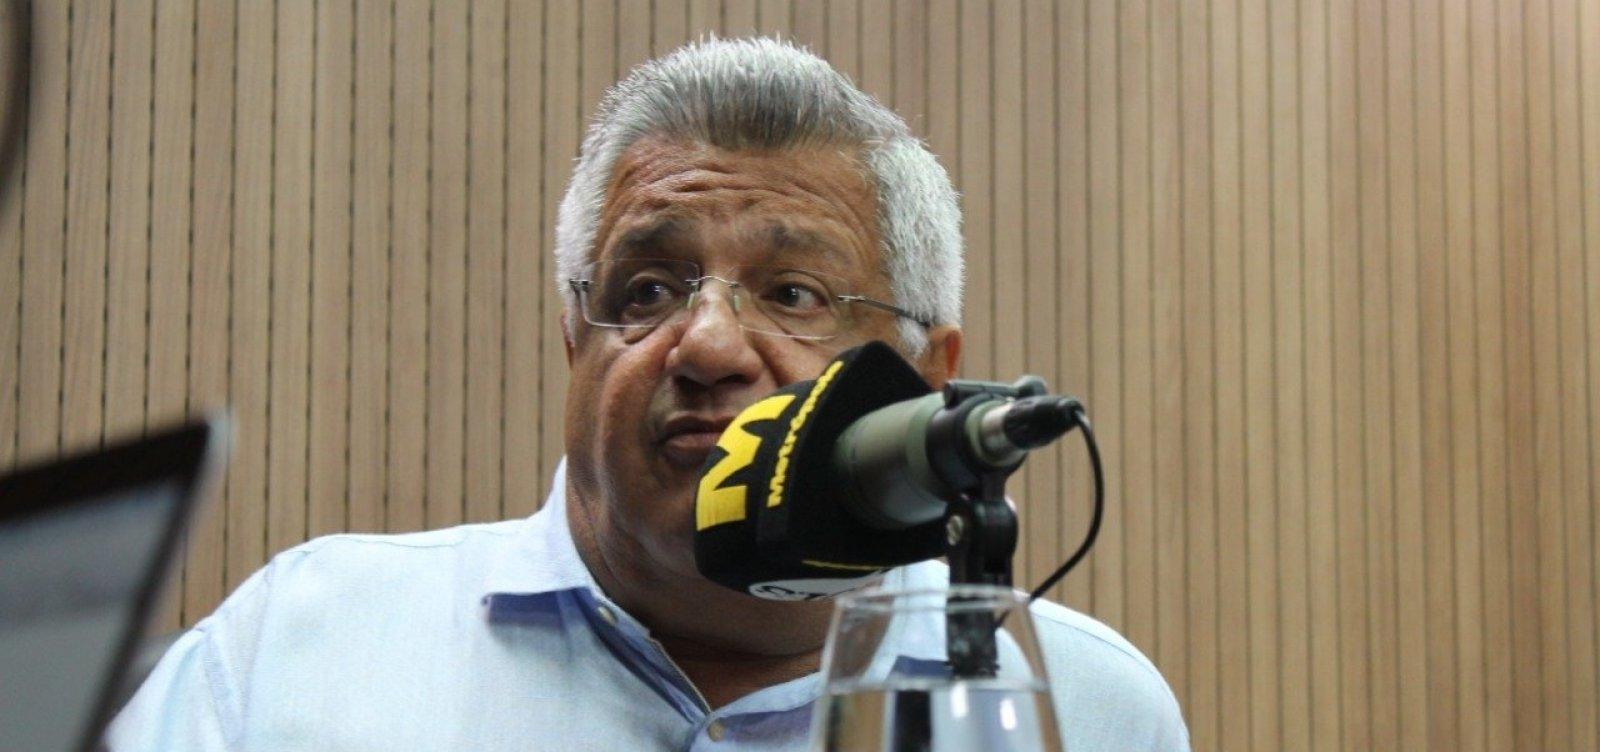 'Acho que Lula foi muito personalista' ao escolher Haddad candidato, diz Bacelar